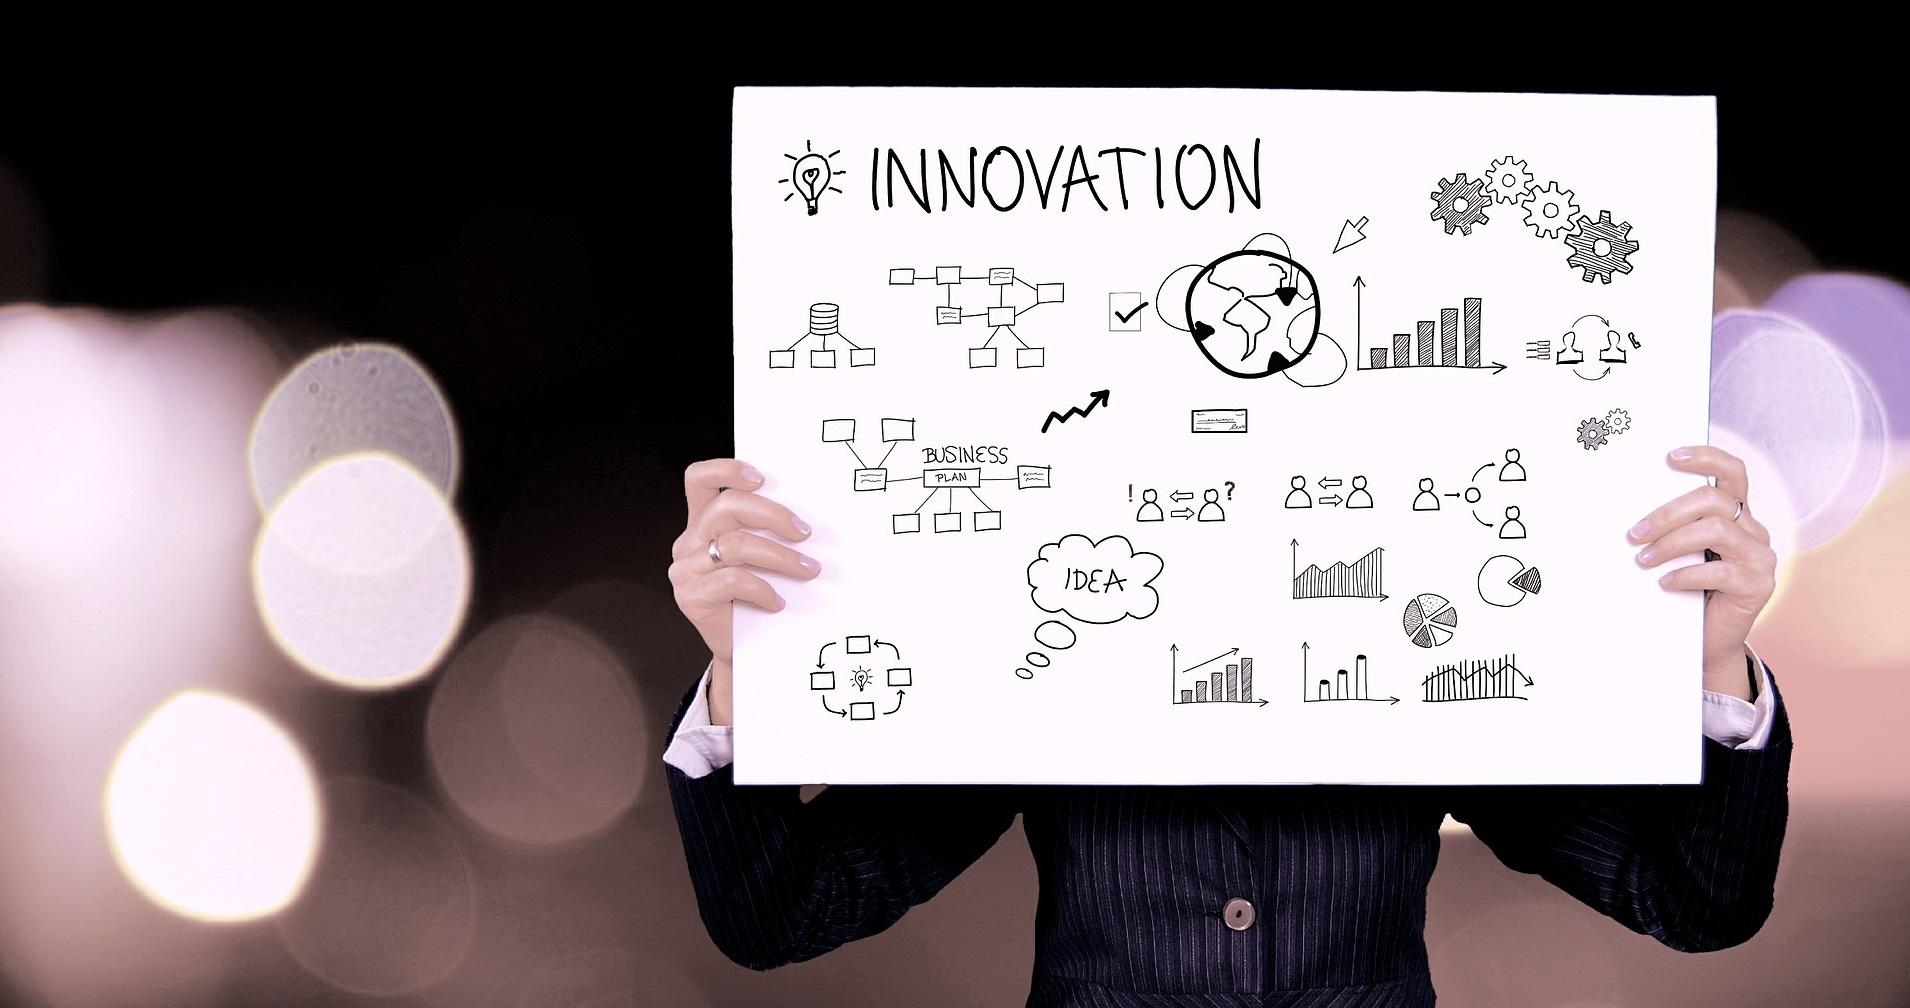 innovacion-tecnologia-cios La Innovación, el reto de los CIOs